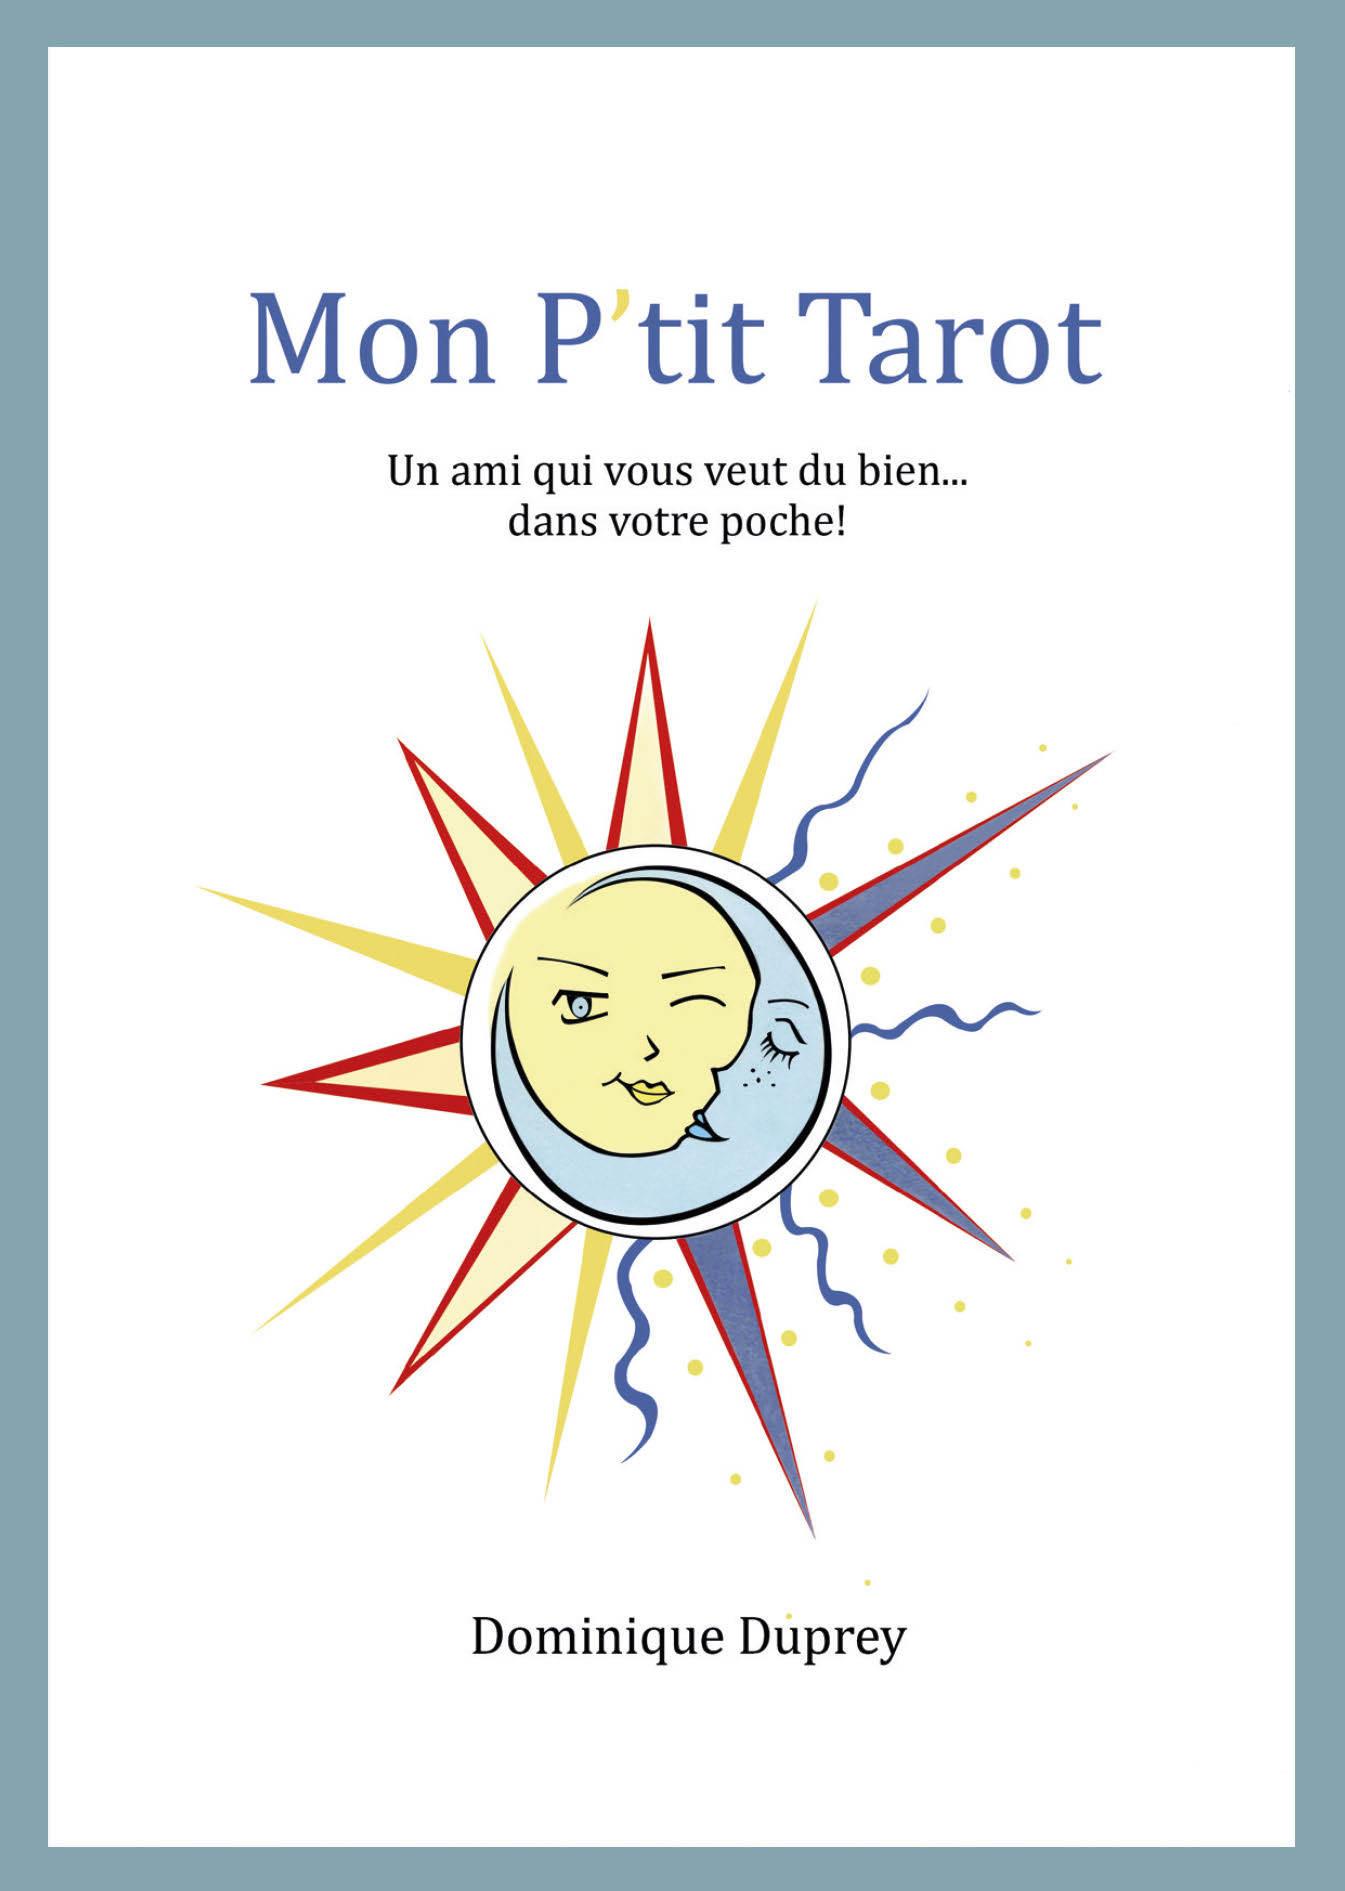 MON P'TIT TAROT